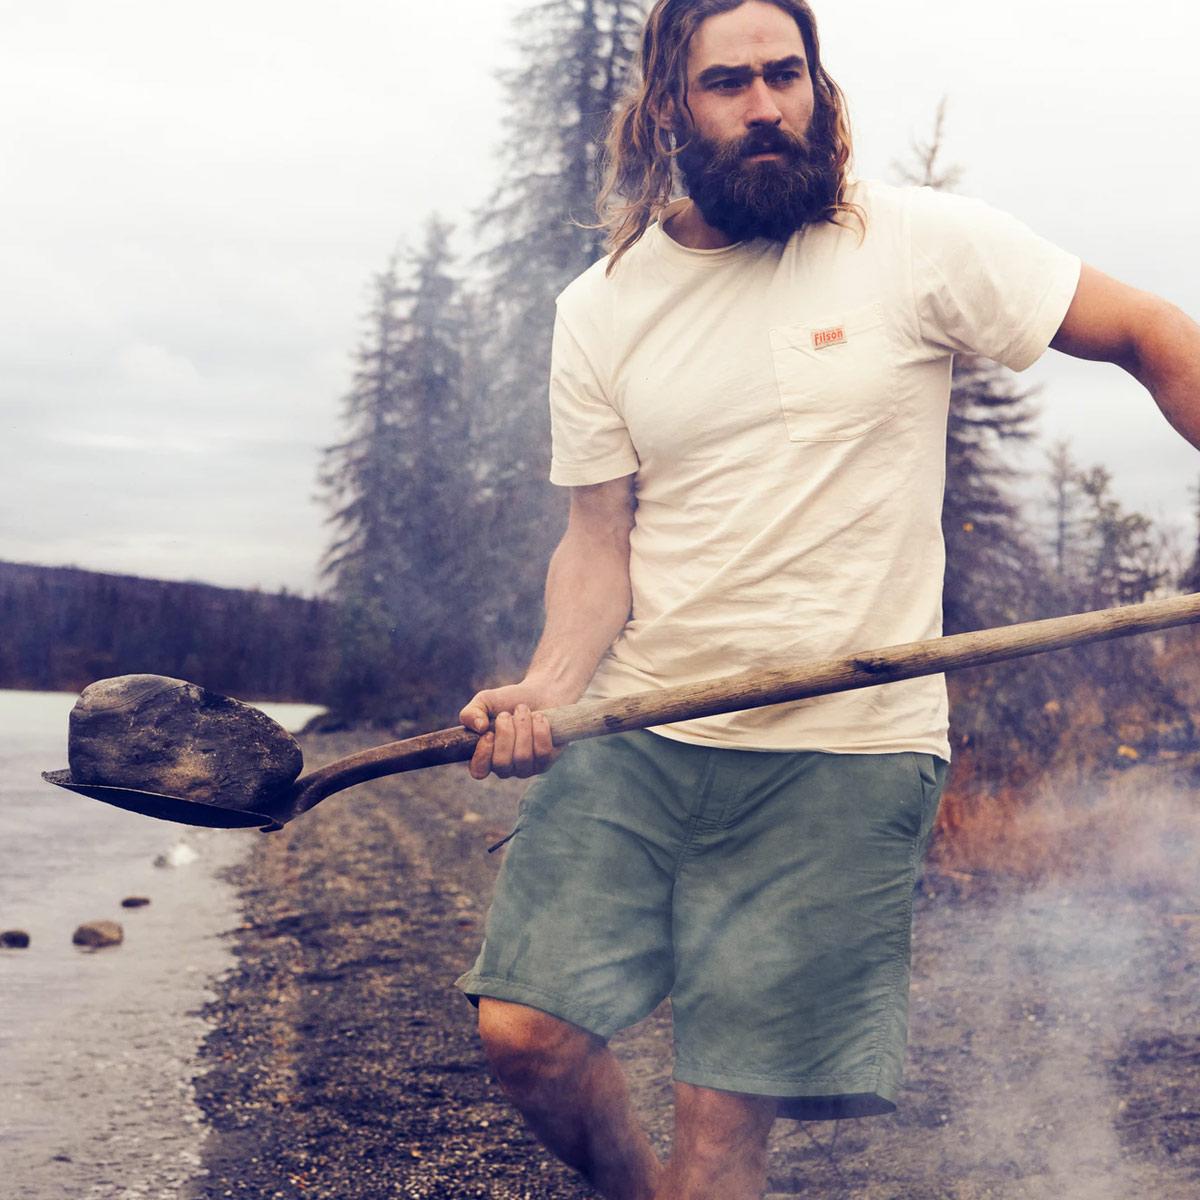 Filson Elwha River Short, eine schnell trocknende, federleichte, zum Schwimmen und Wandern ausgeführte Shorts mit klassischem Look.